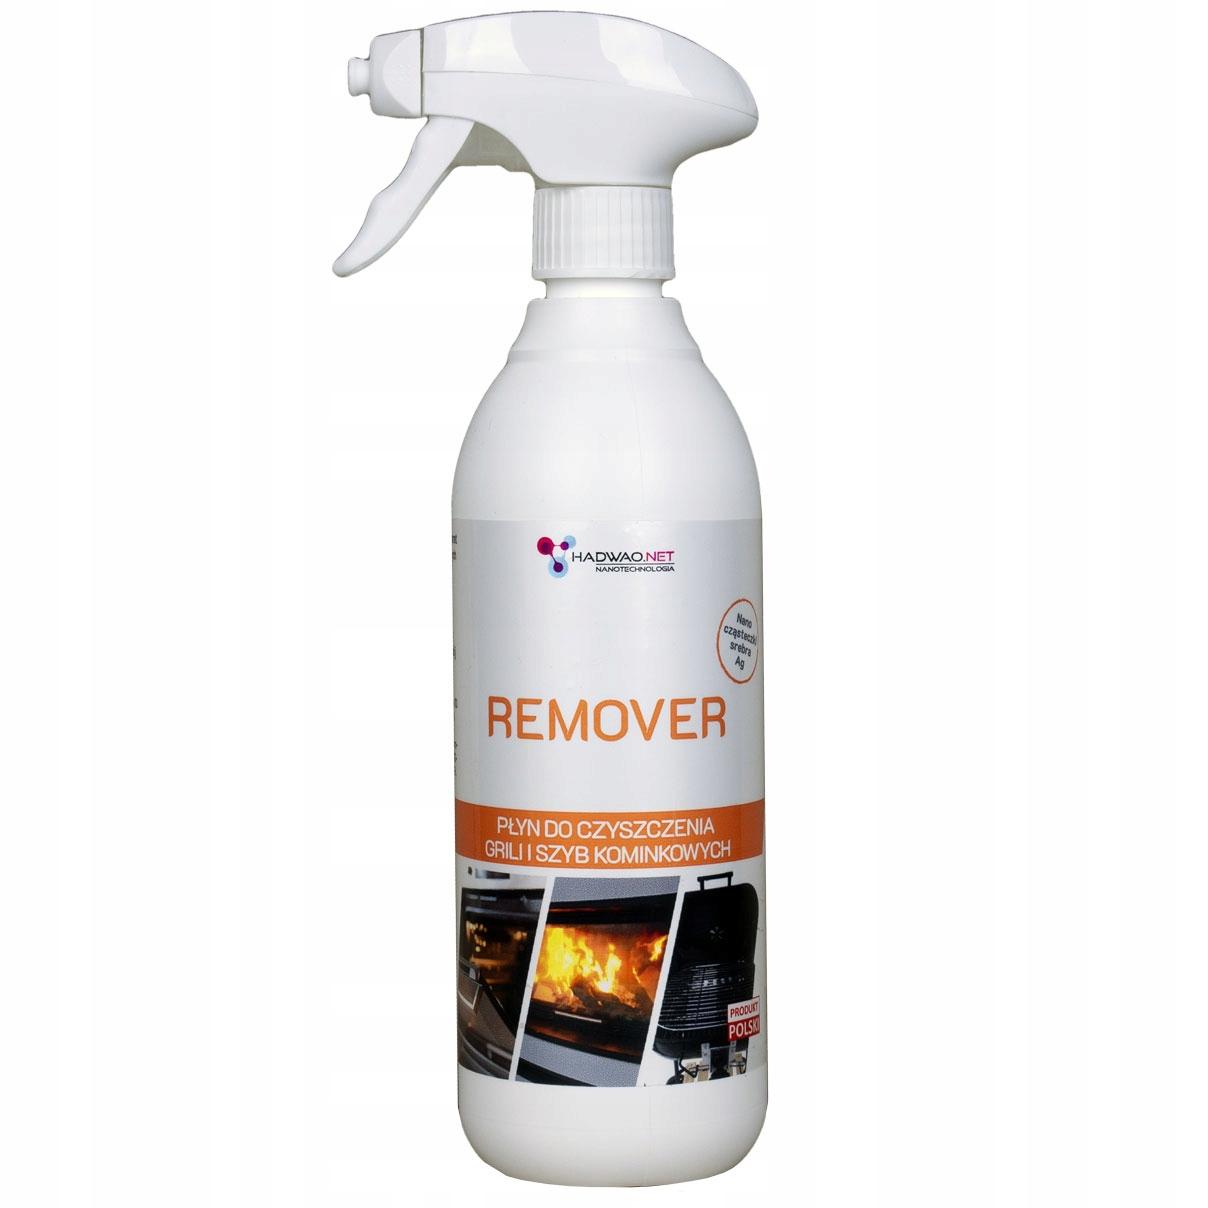 Сильная жидкость для чистки каминного стекла, Remover